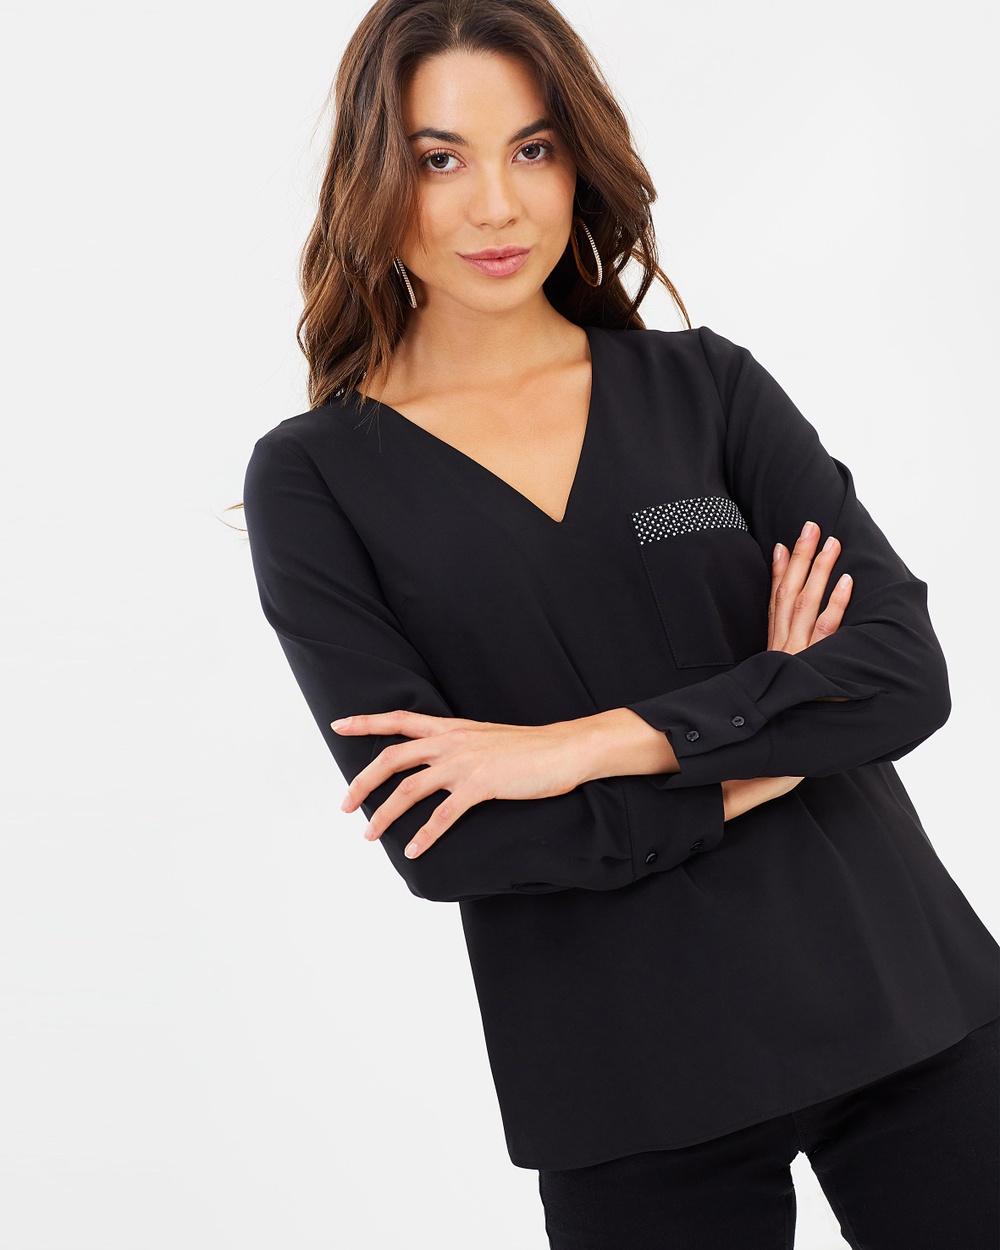 Dorothy Perkins Embellished Pocket Long Sleeve Top Tops Black Embellished Pocket Long Sleeve Top